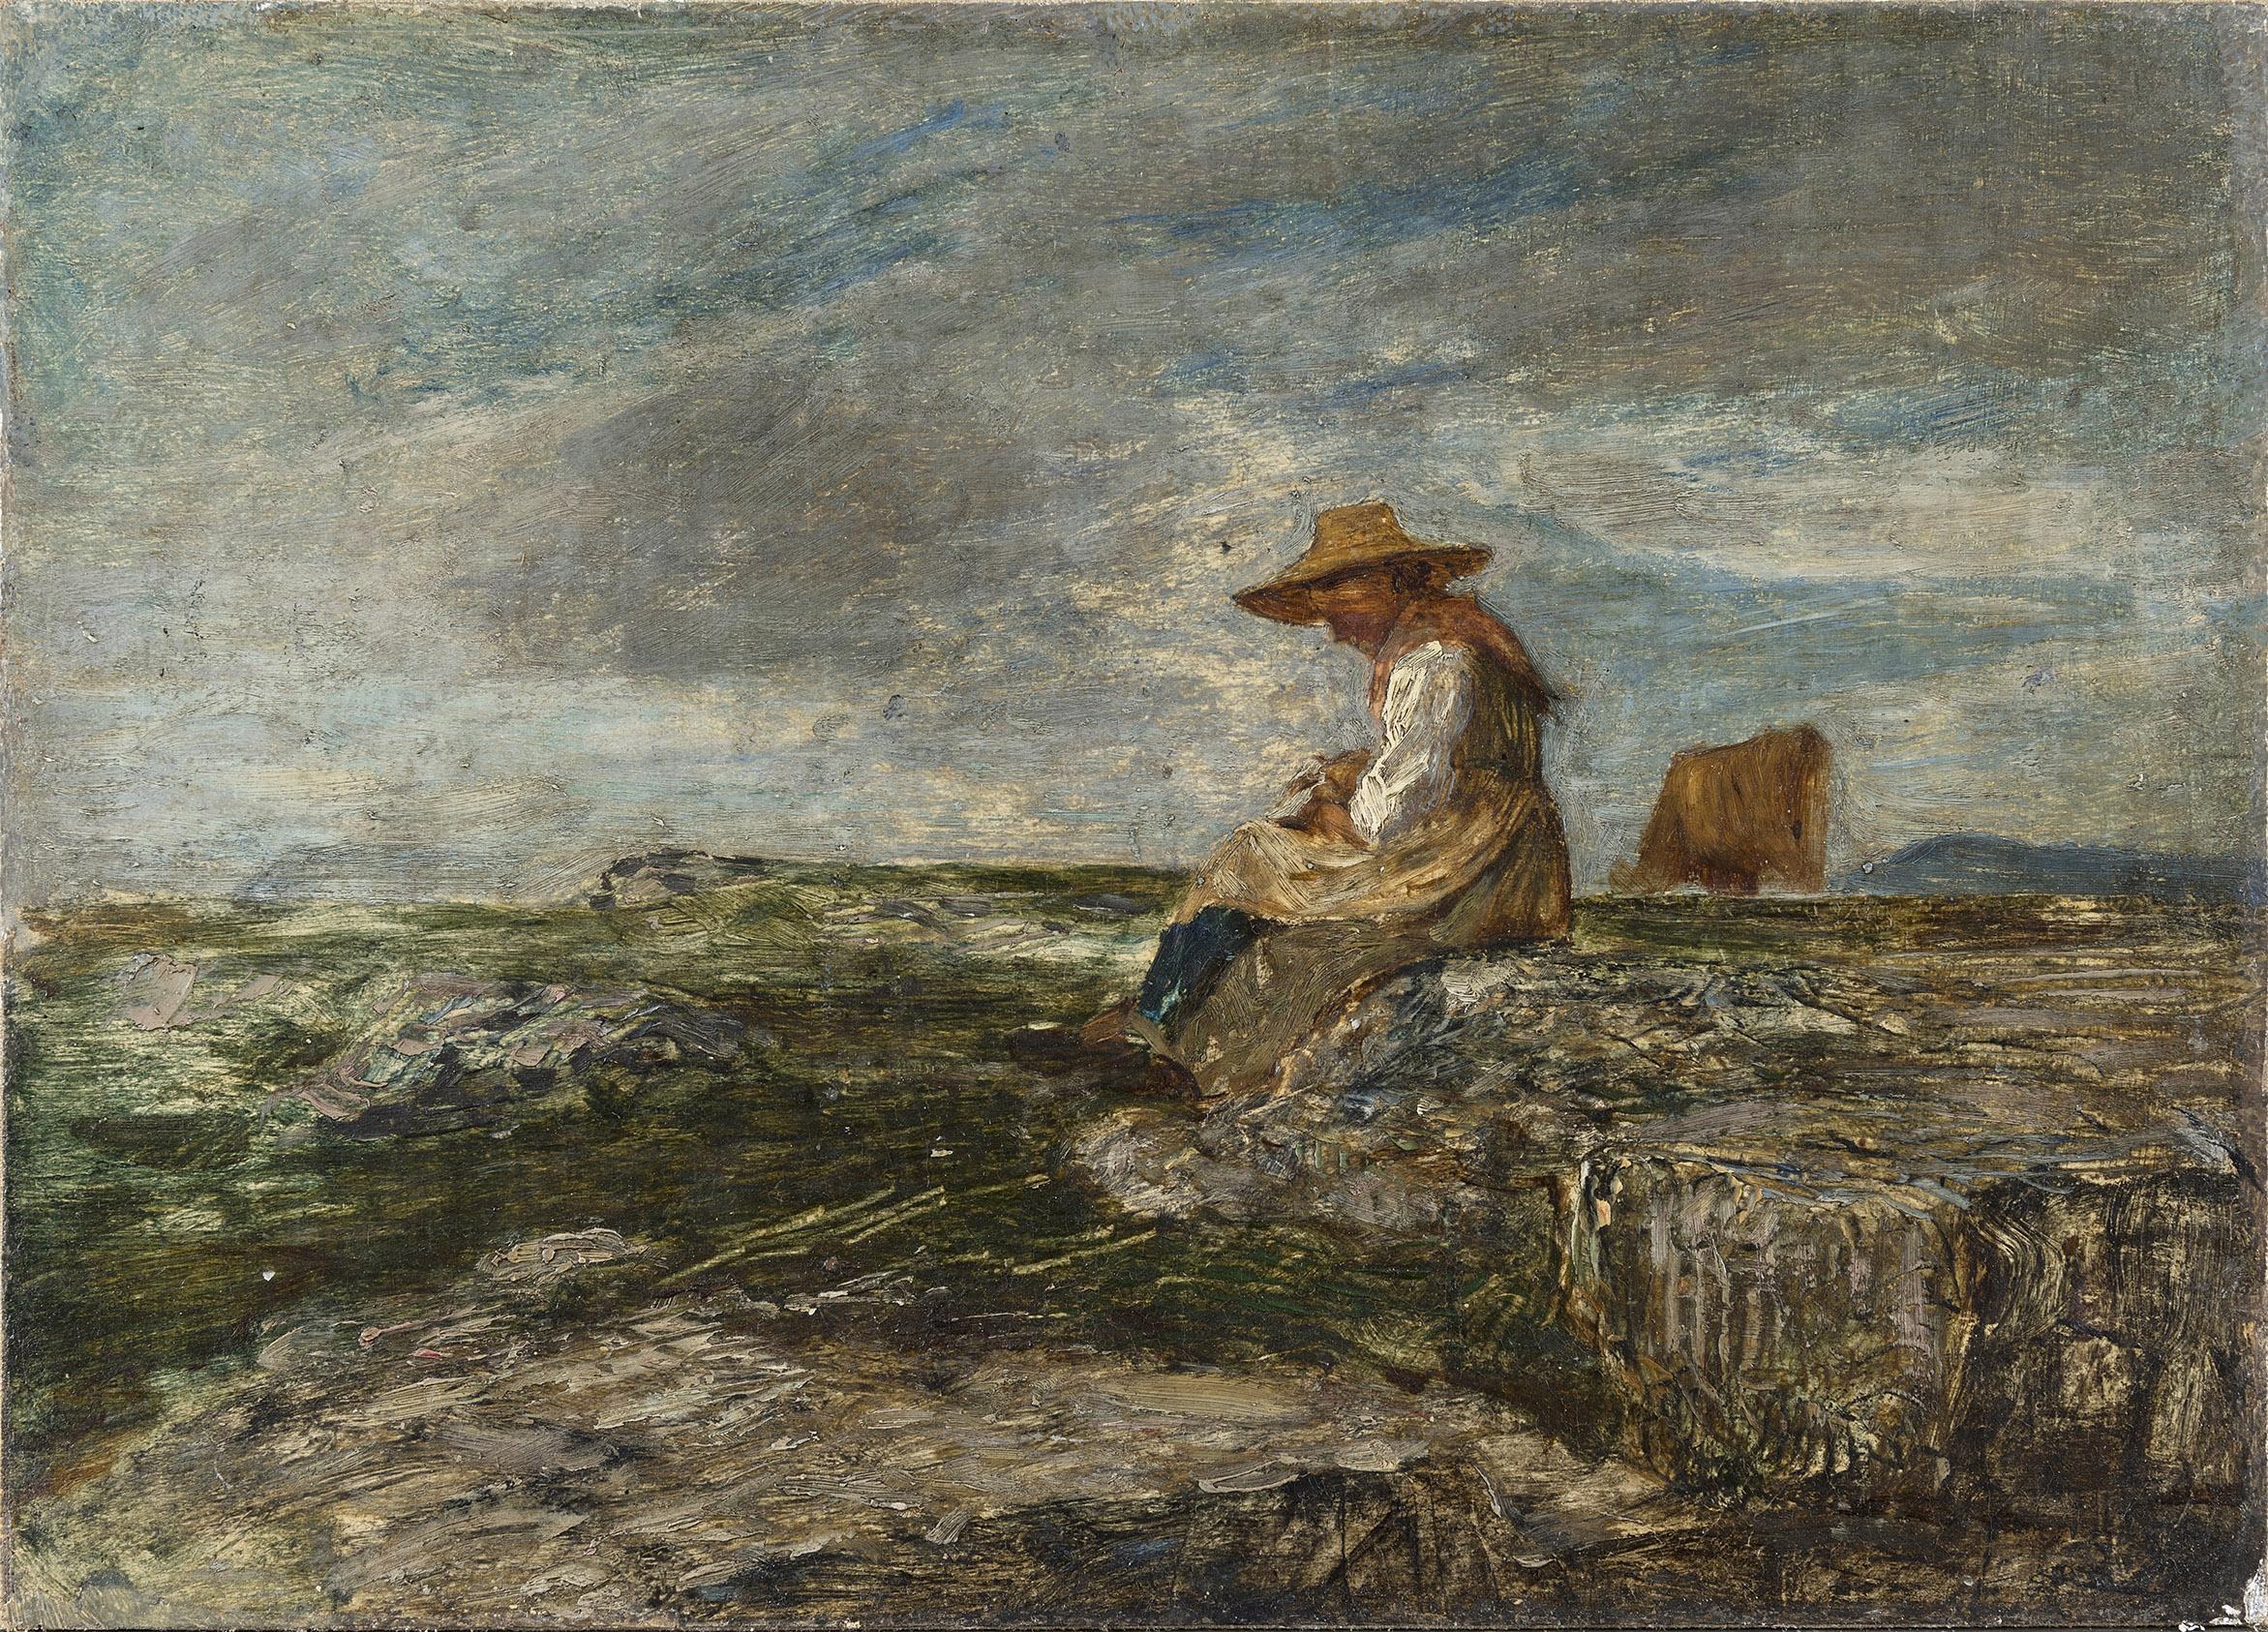 Natura e verità nella pittura di paesaggio tra Piemonte e Liguria. Una grande mostra alla GAM di Torino